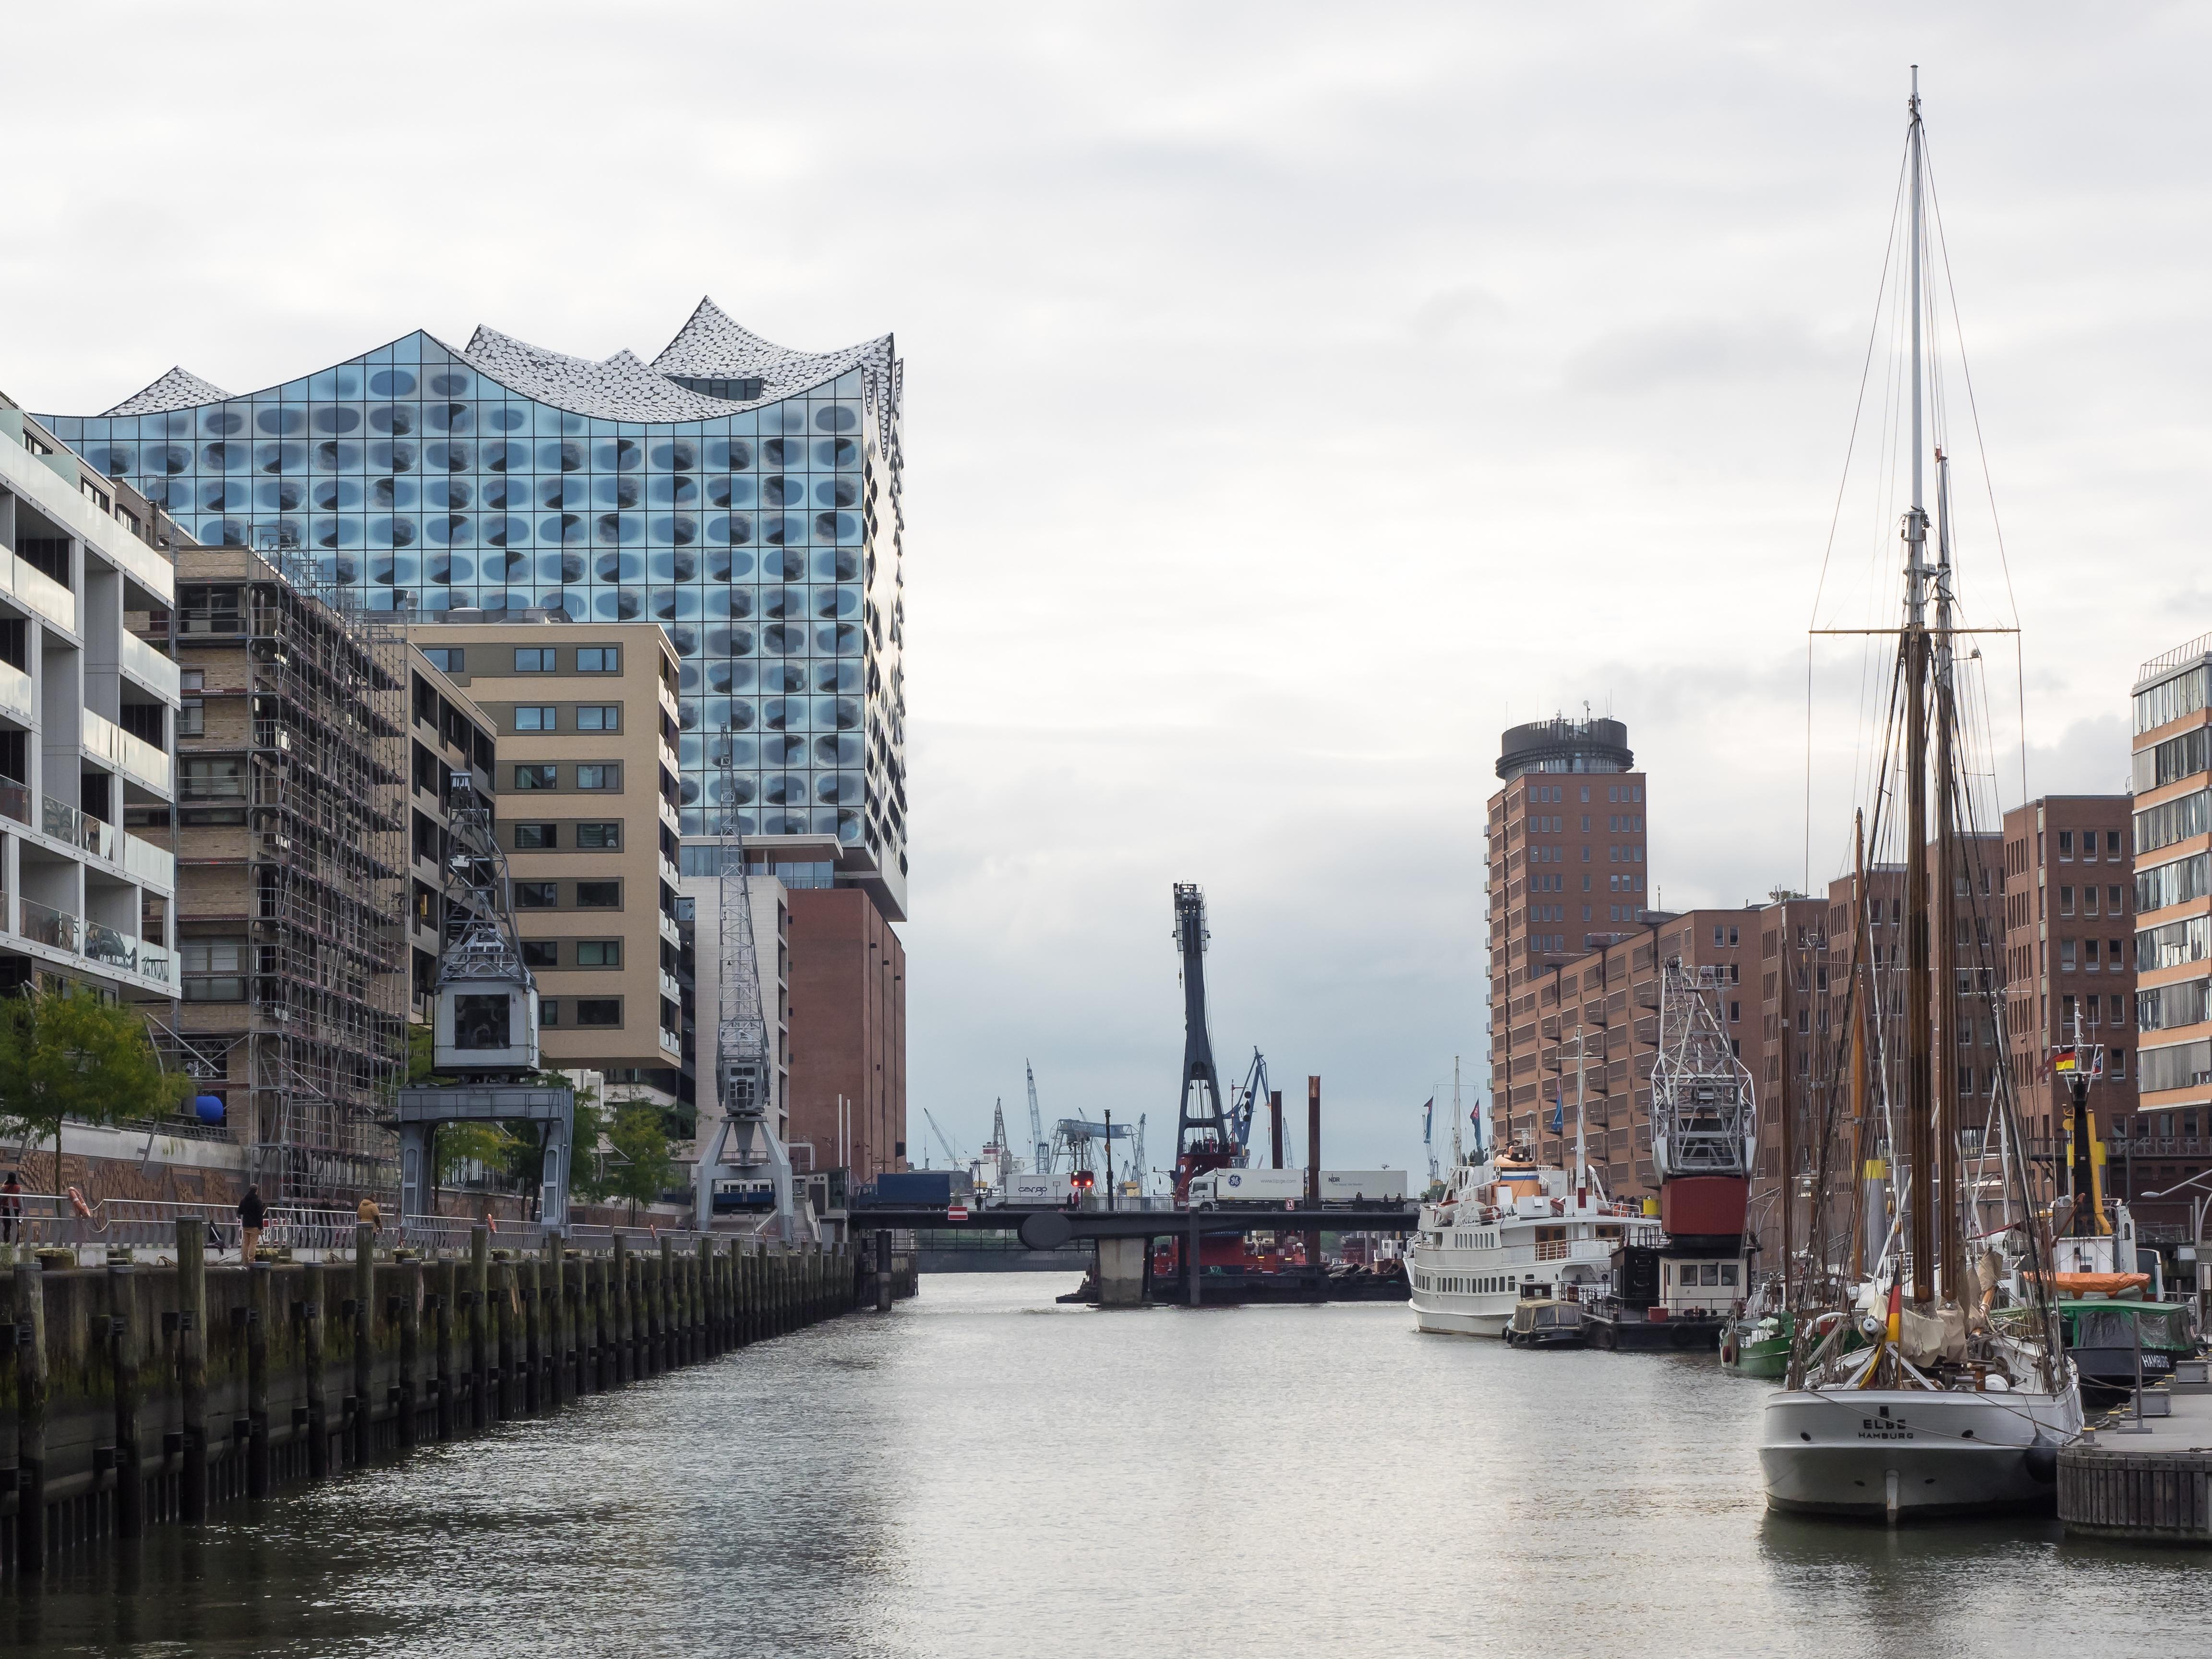 Kostenlose Foto Die Architektur Fenster Glas Gebäude: Kostenlose Foto : Wasser, Dock, Die Architektur, Boot